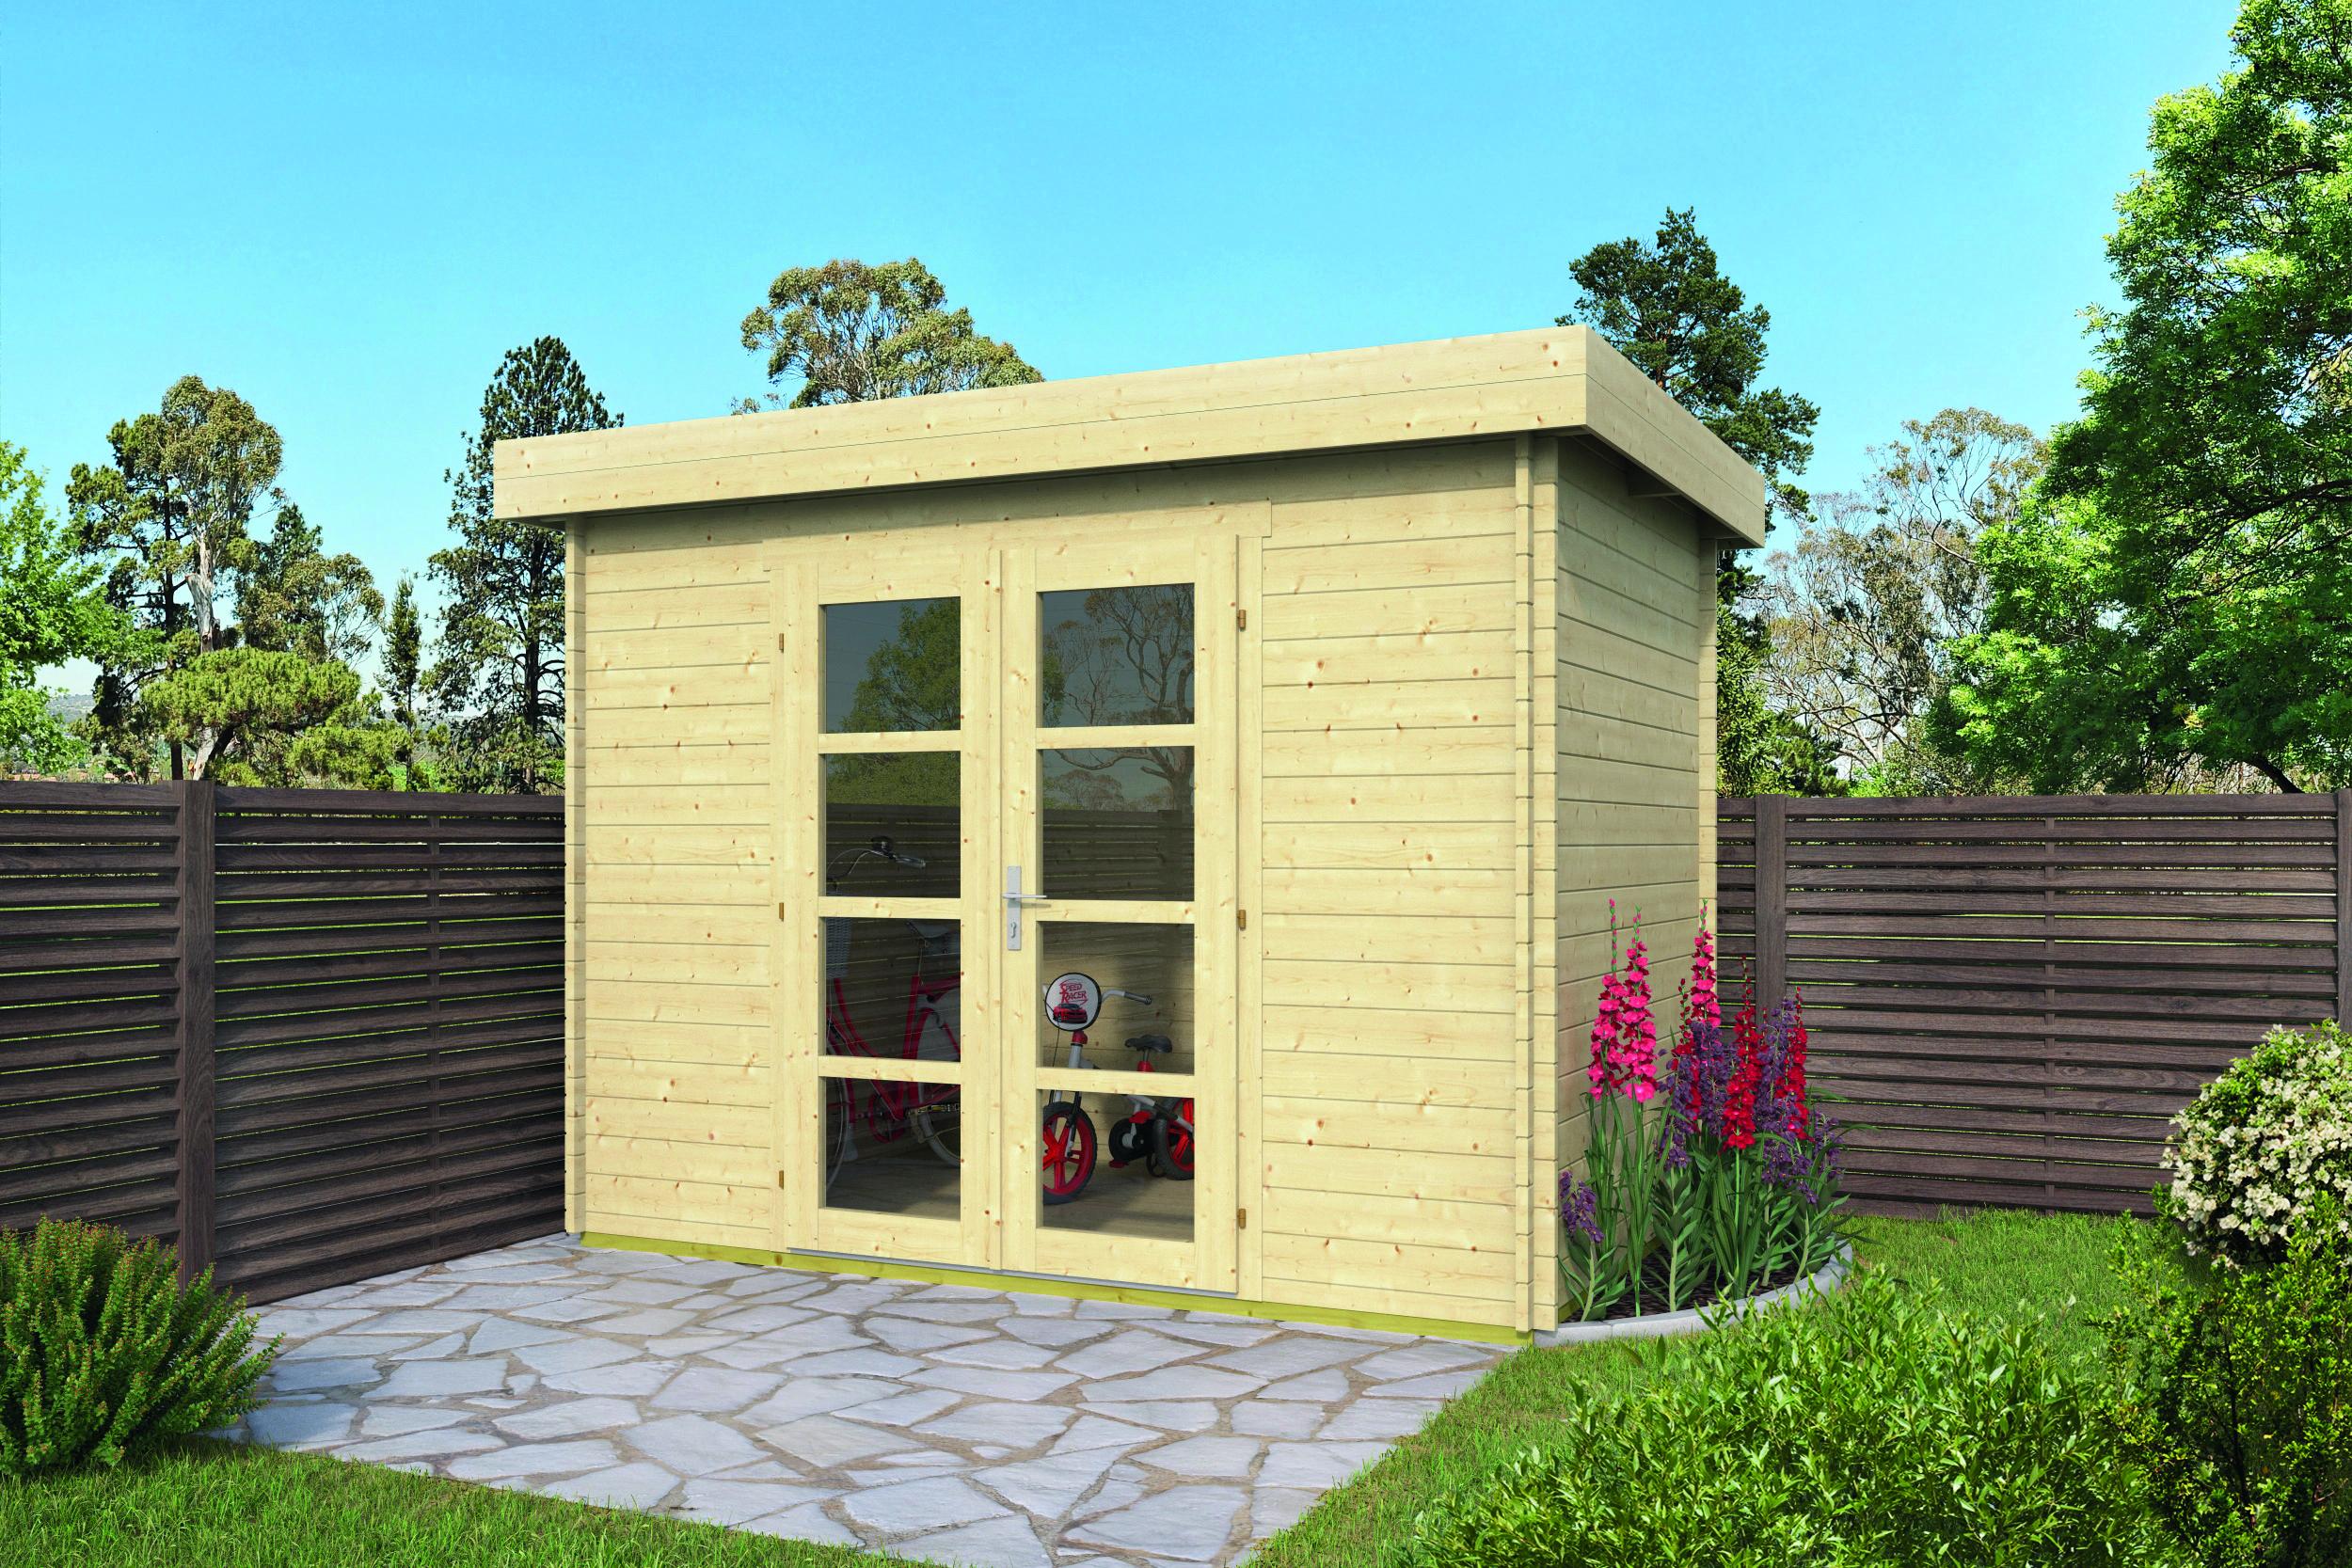 Minimodern – Log Cabin /Garden Shed